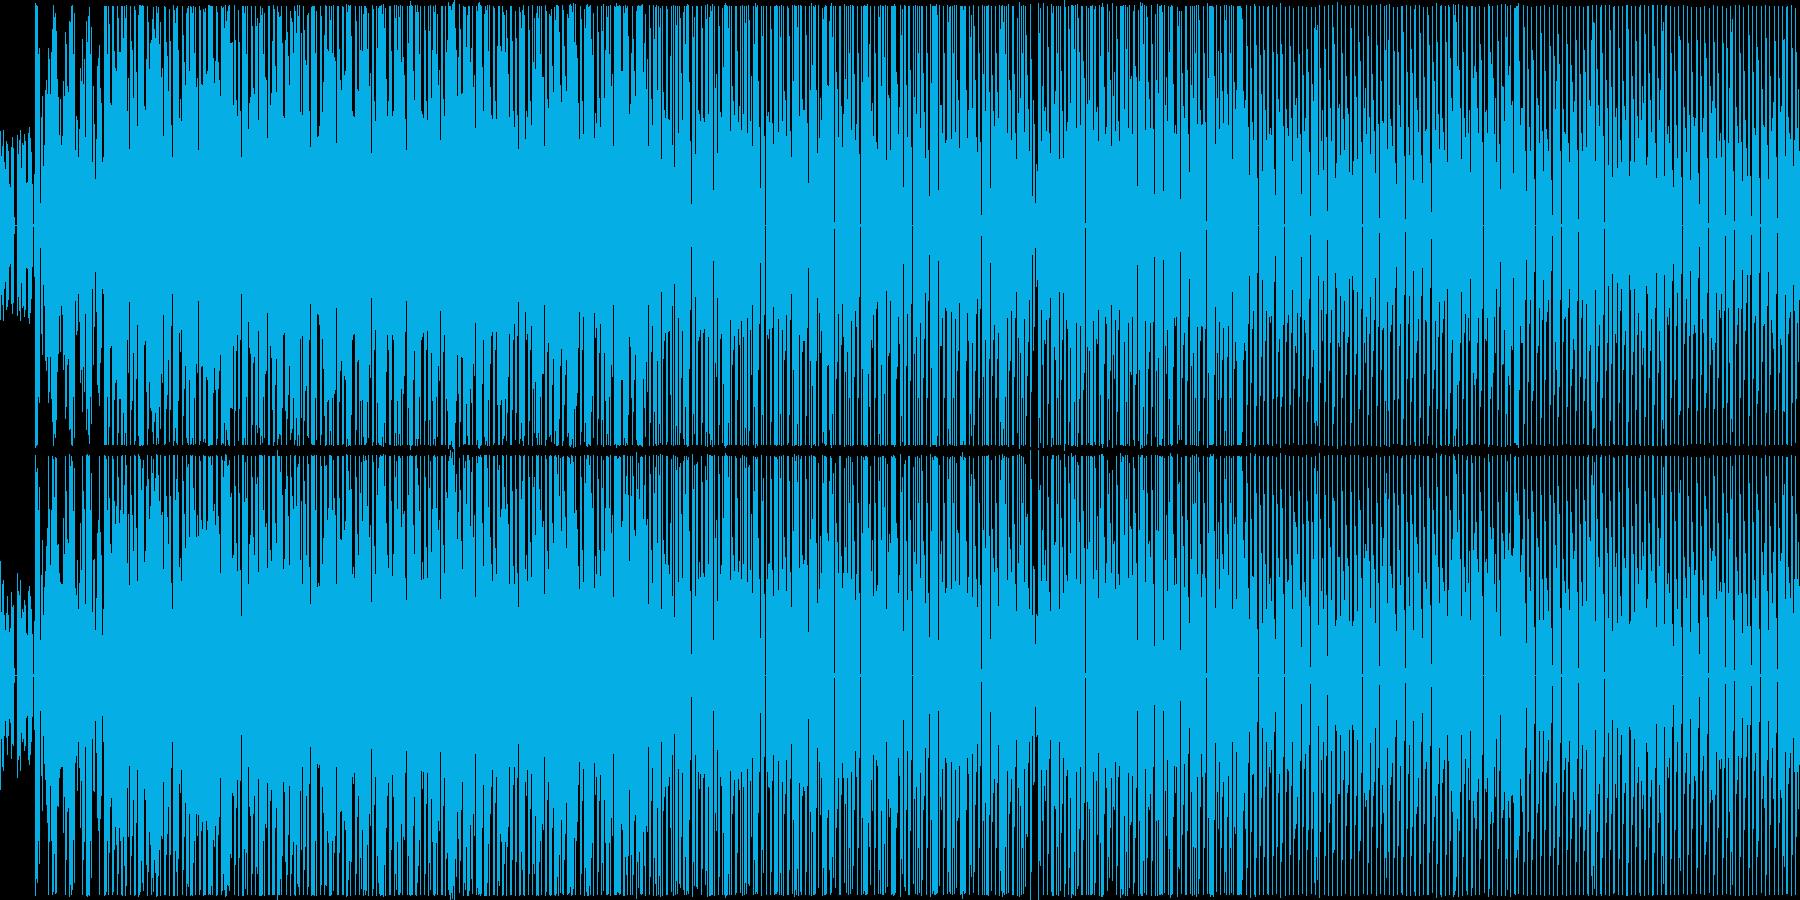 戦闘音楽っぽい曲ですの再生済みの波形